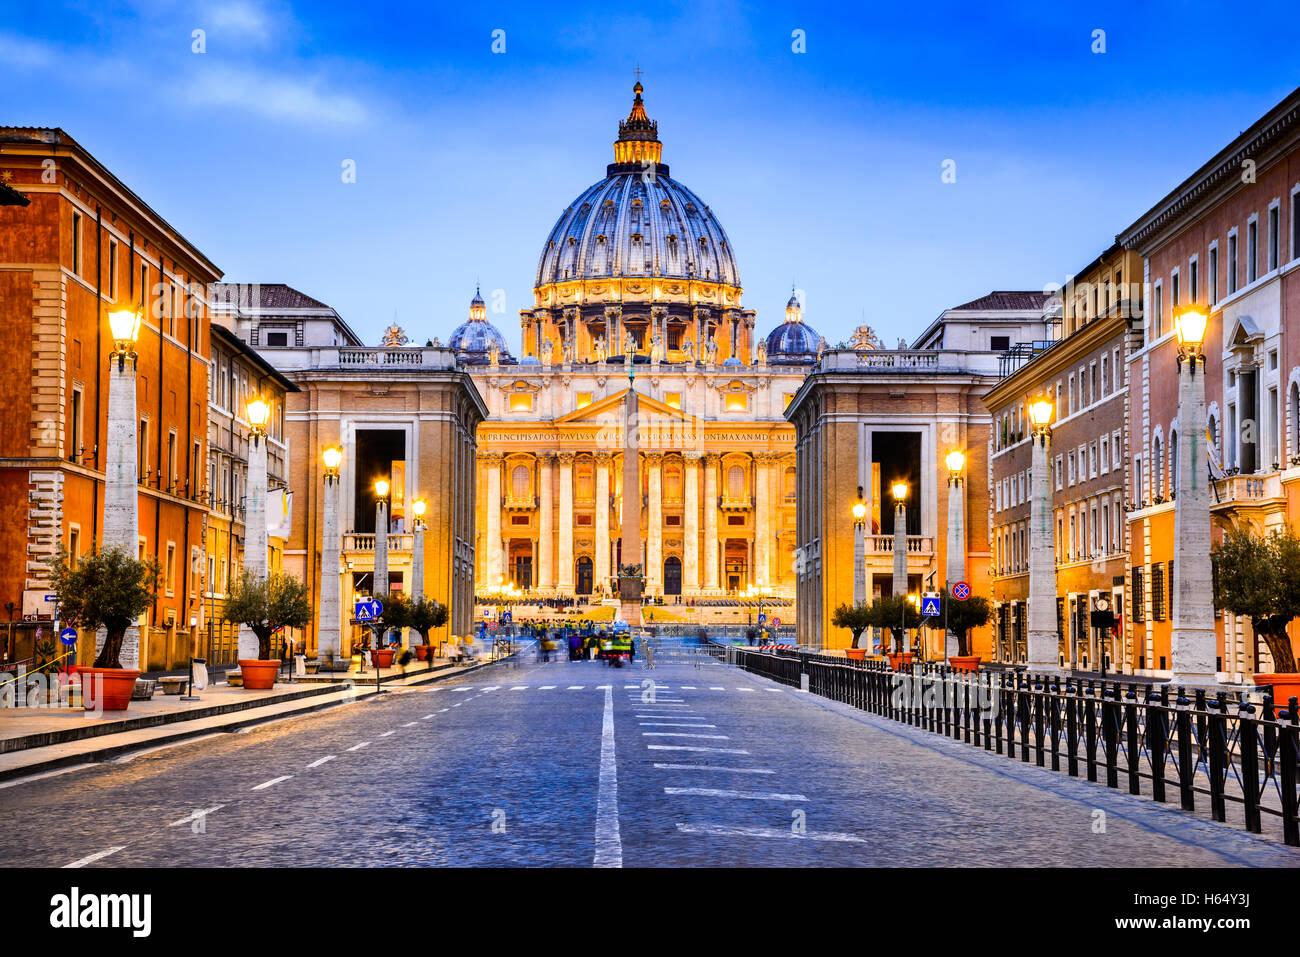 Roma, Italia. La Basílica Papal de San Pedro en el Vaticano (Basílica Papale di San Pietro in Vaticano) Imagen De Stock